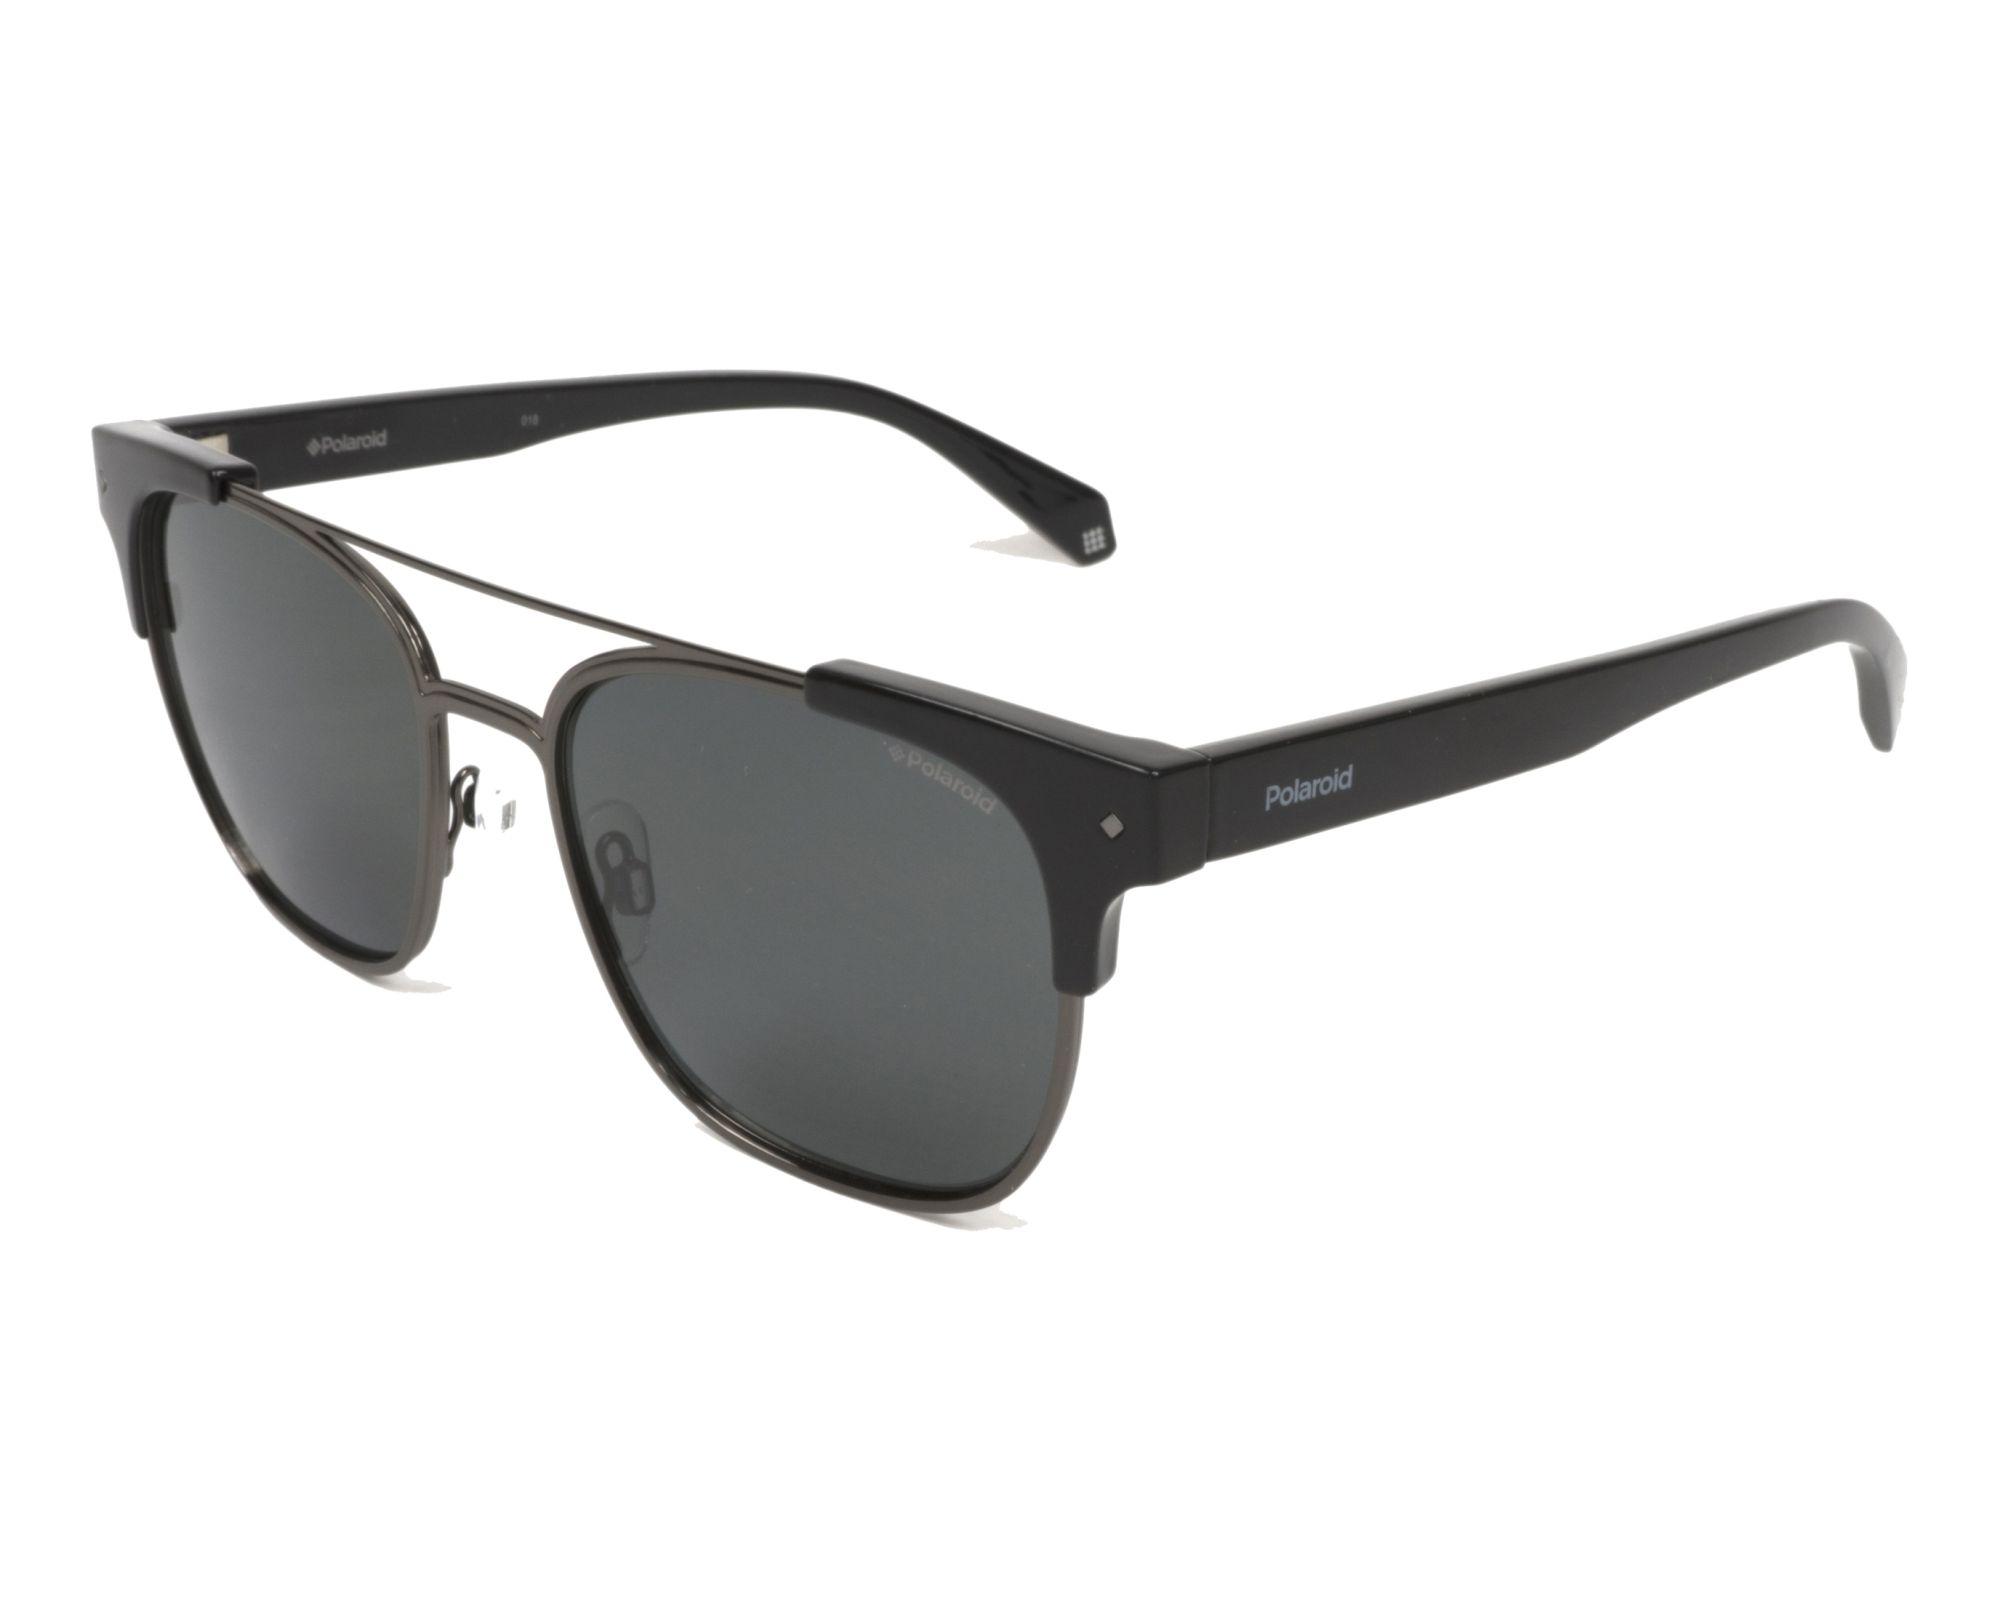 Polaroid Sonnenbrille » PLD 6039/S/X«, schwarz, 807/M9 - schwarz/grau